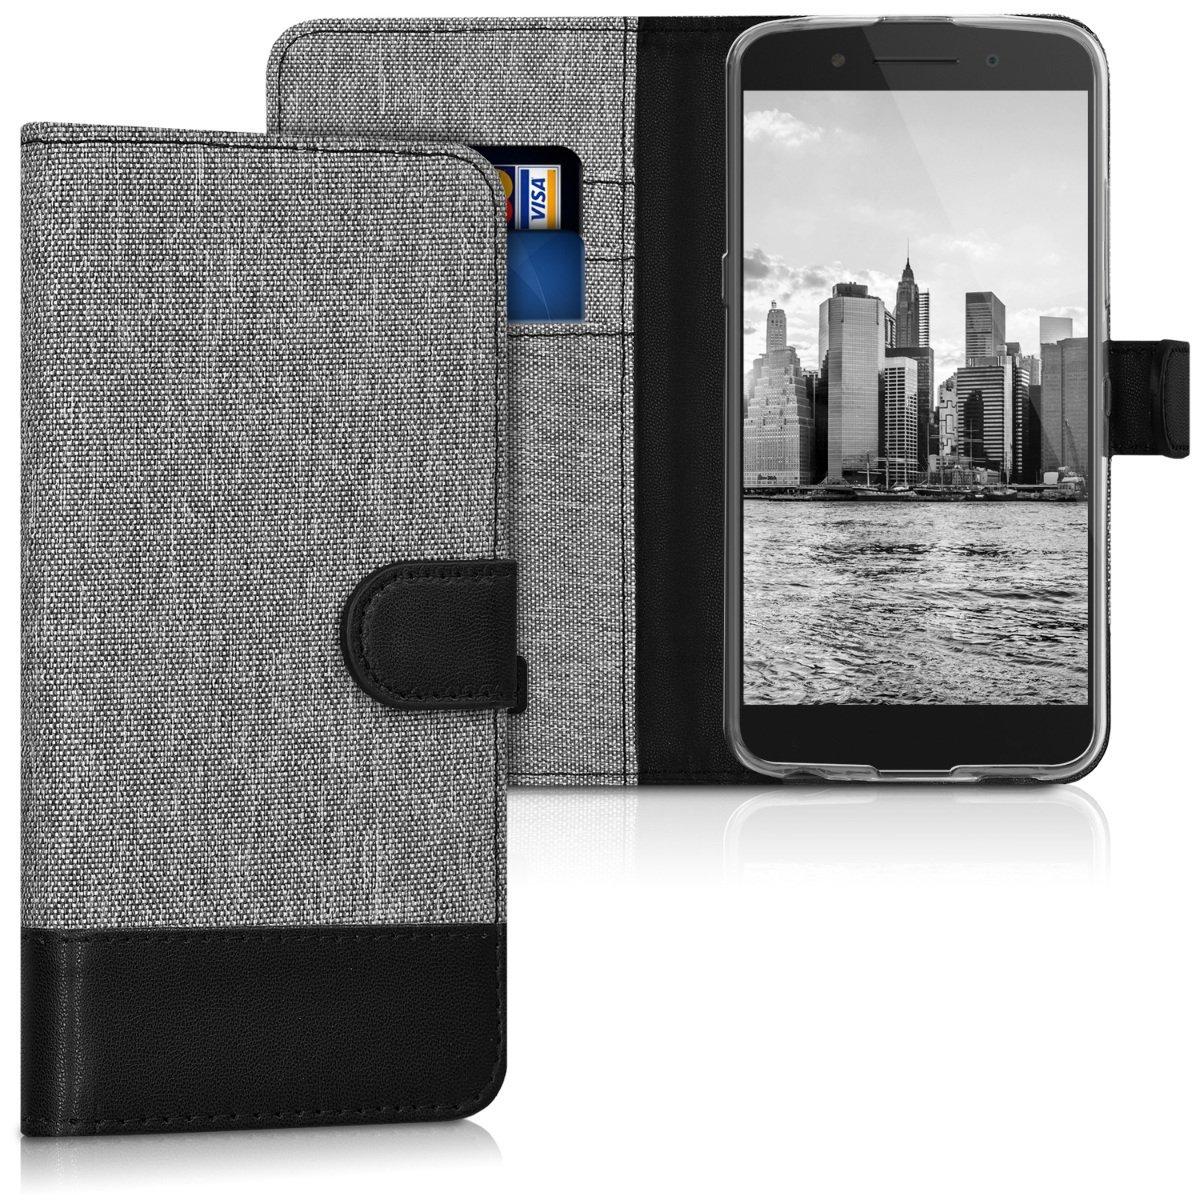 KW Θήκη Πορτοφόλι Alcatel Idol 5s - Grey / Black Canvas (43174.22) θήκες κινητών